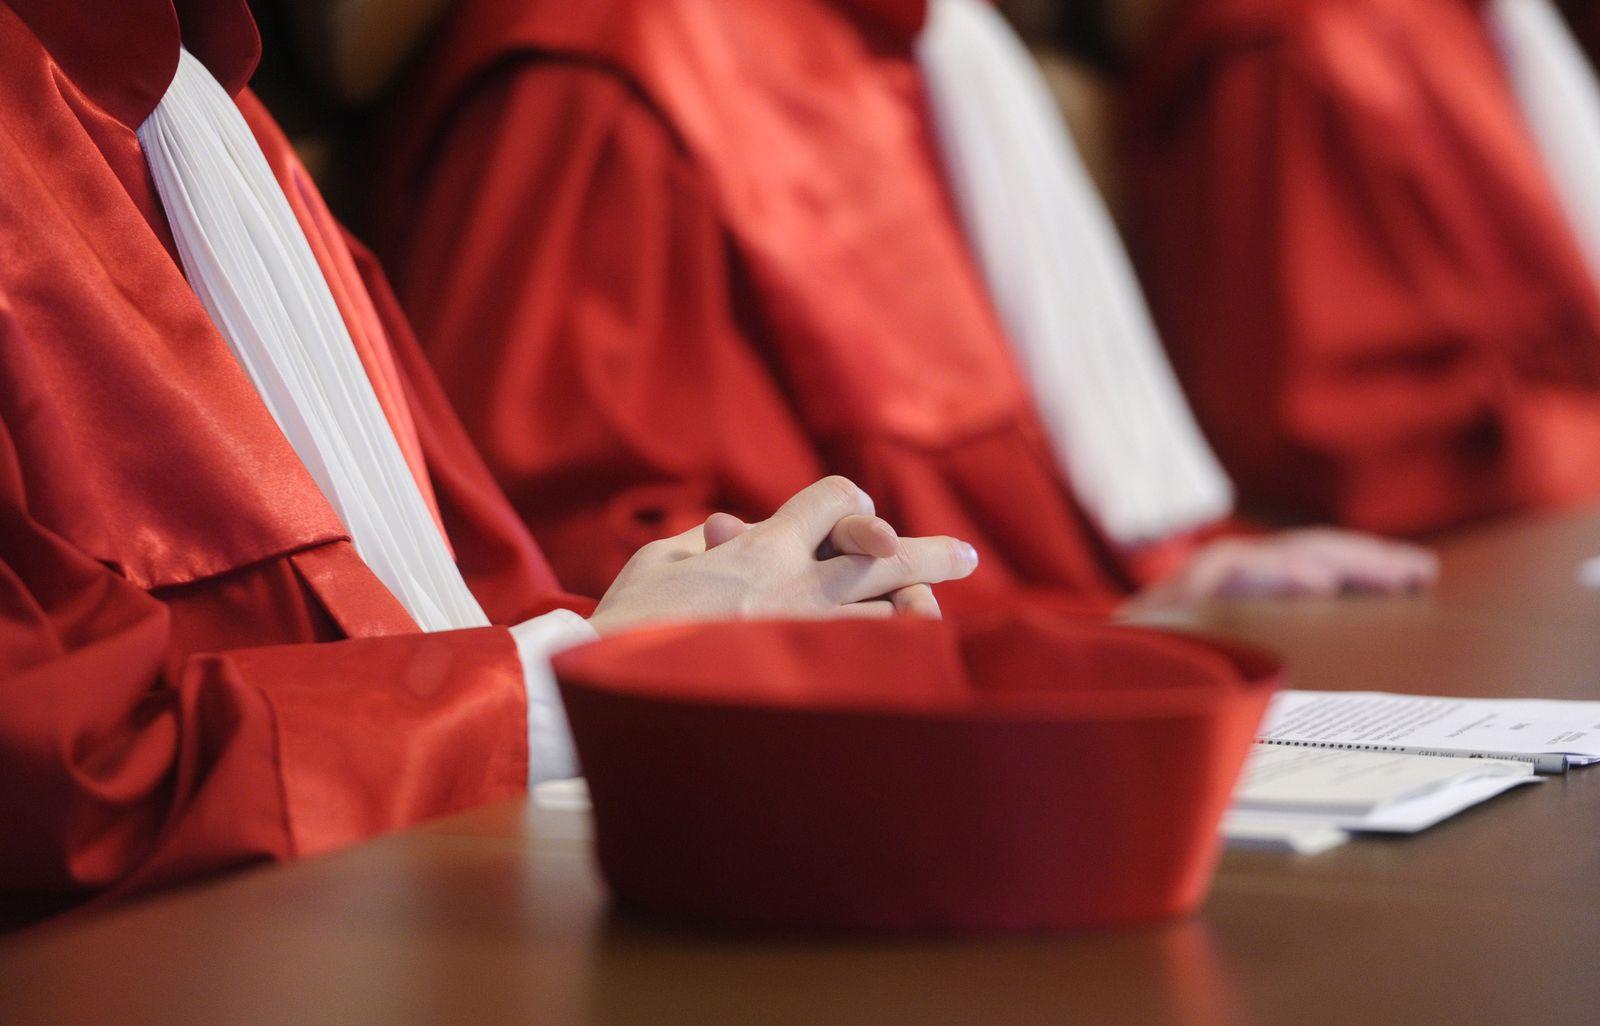 SYMBOLBILD Gericht / Urteil / Bundesverfassungsgericht